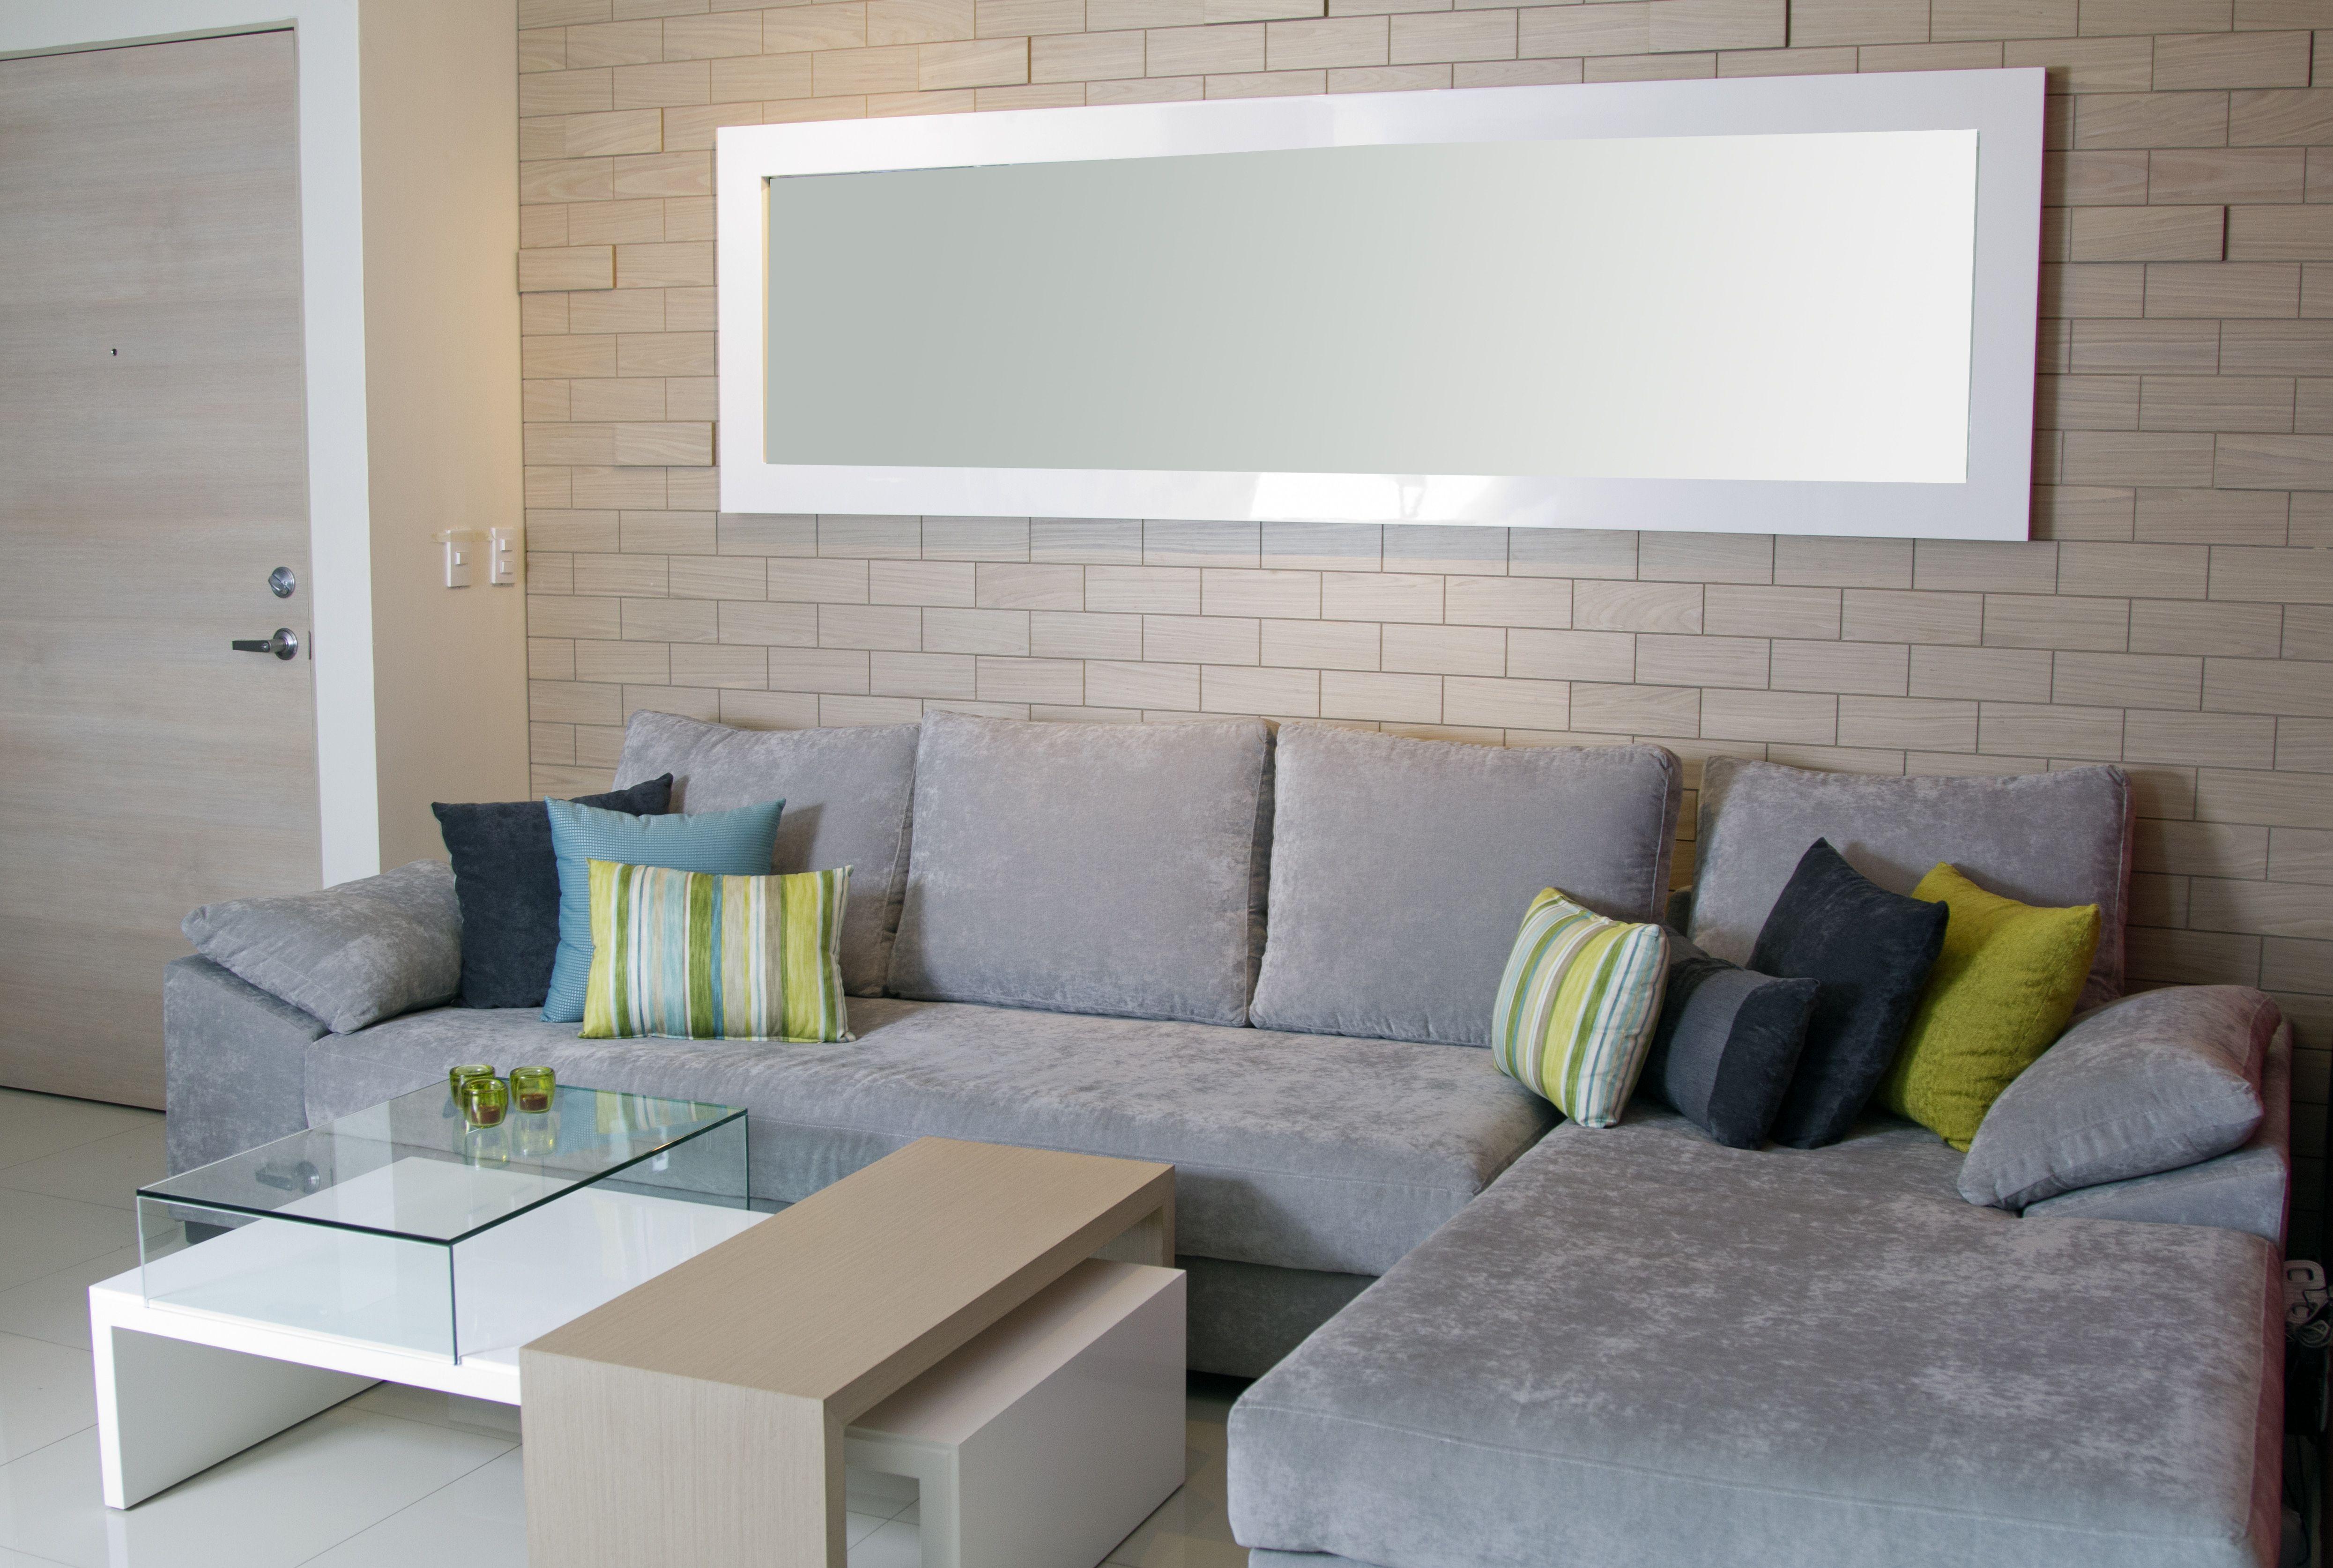 Muro de ladrillos de madera espejo blanco mesa de centro for Sala gris con azul